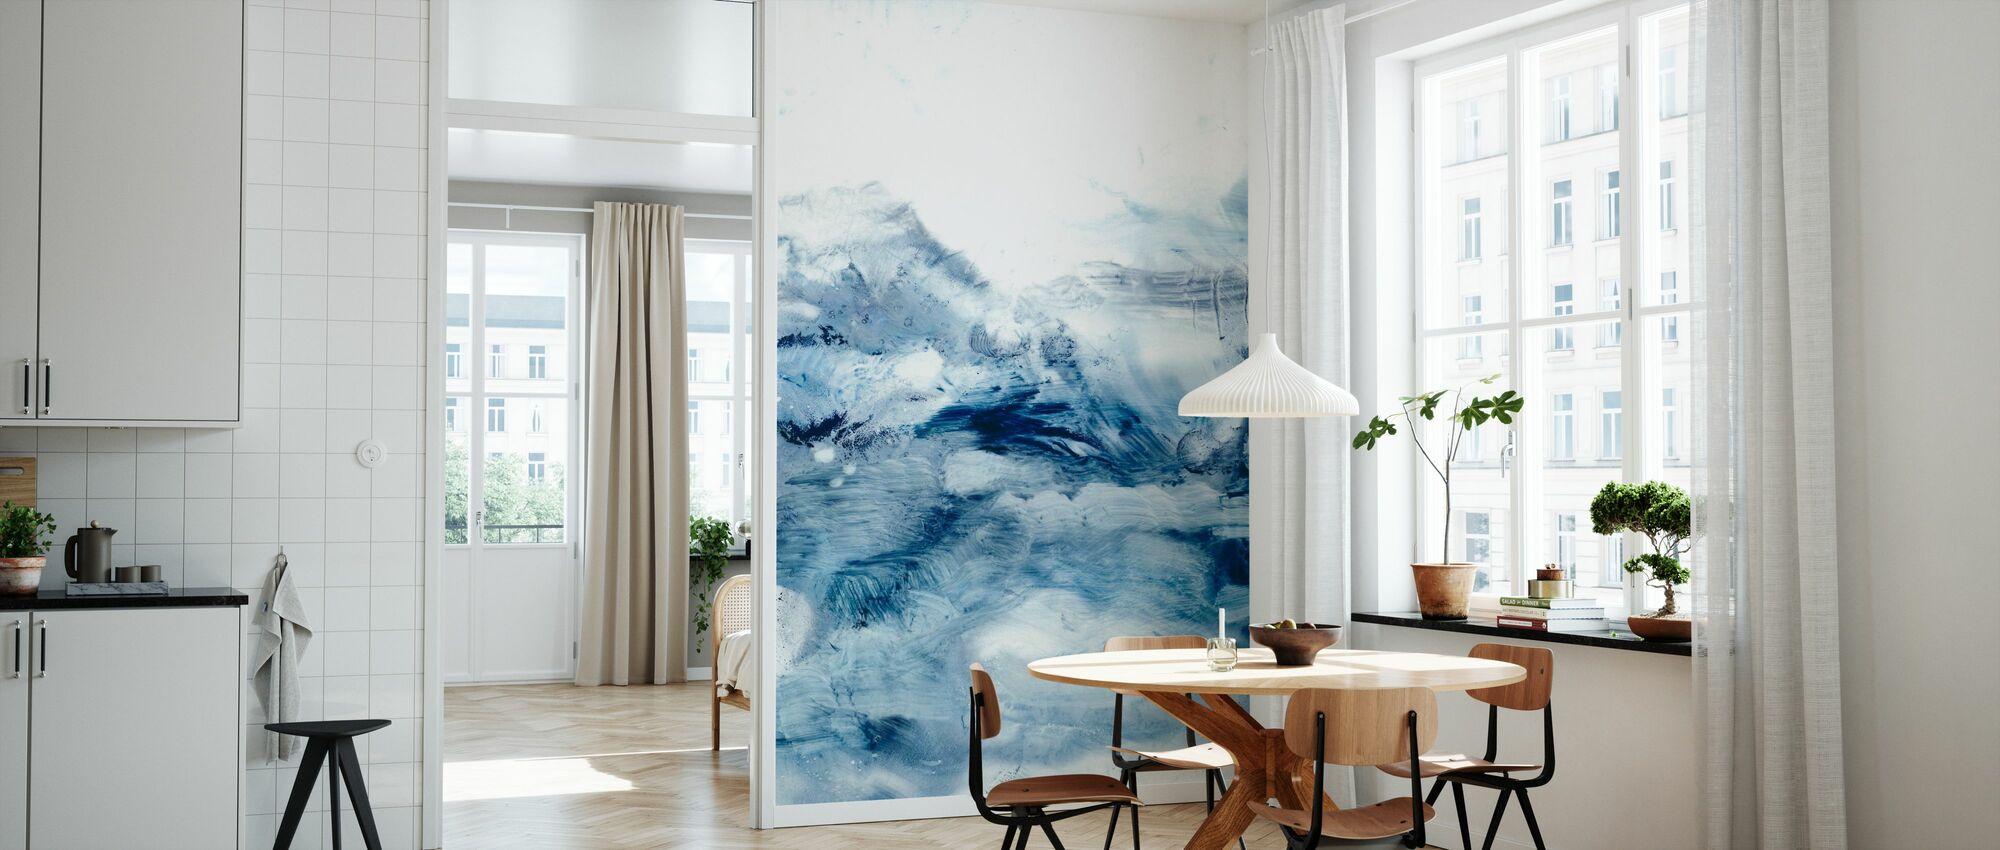 Indigo Tides - Wallpaper - Kitchen